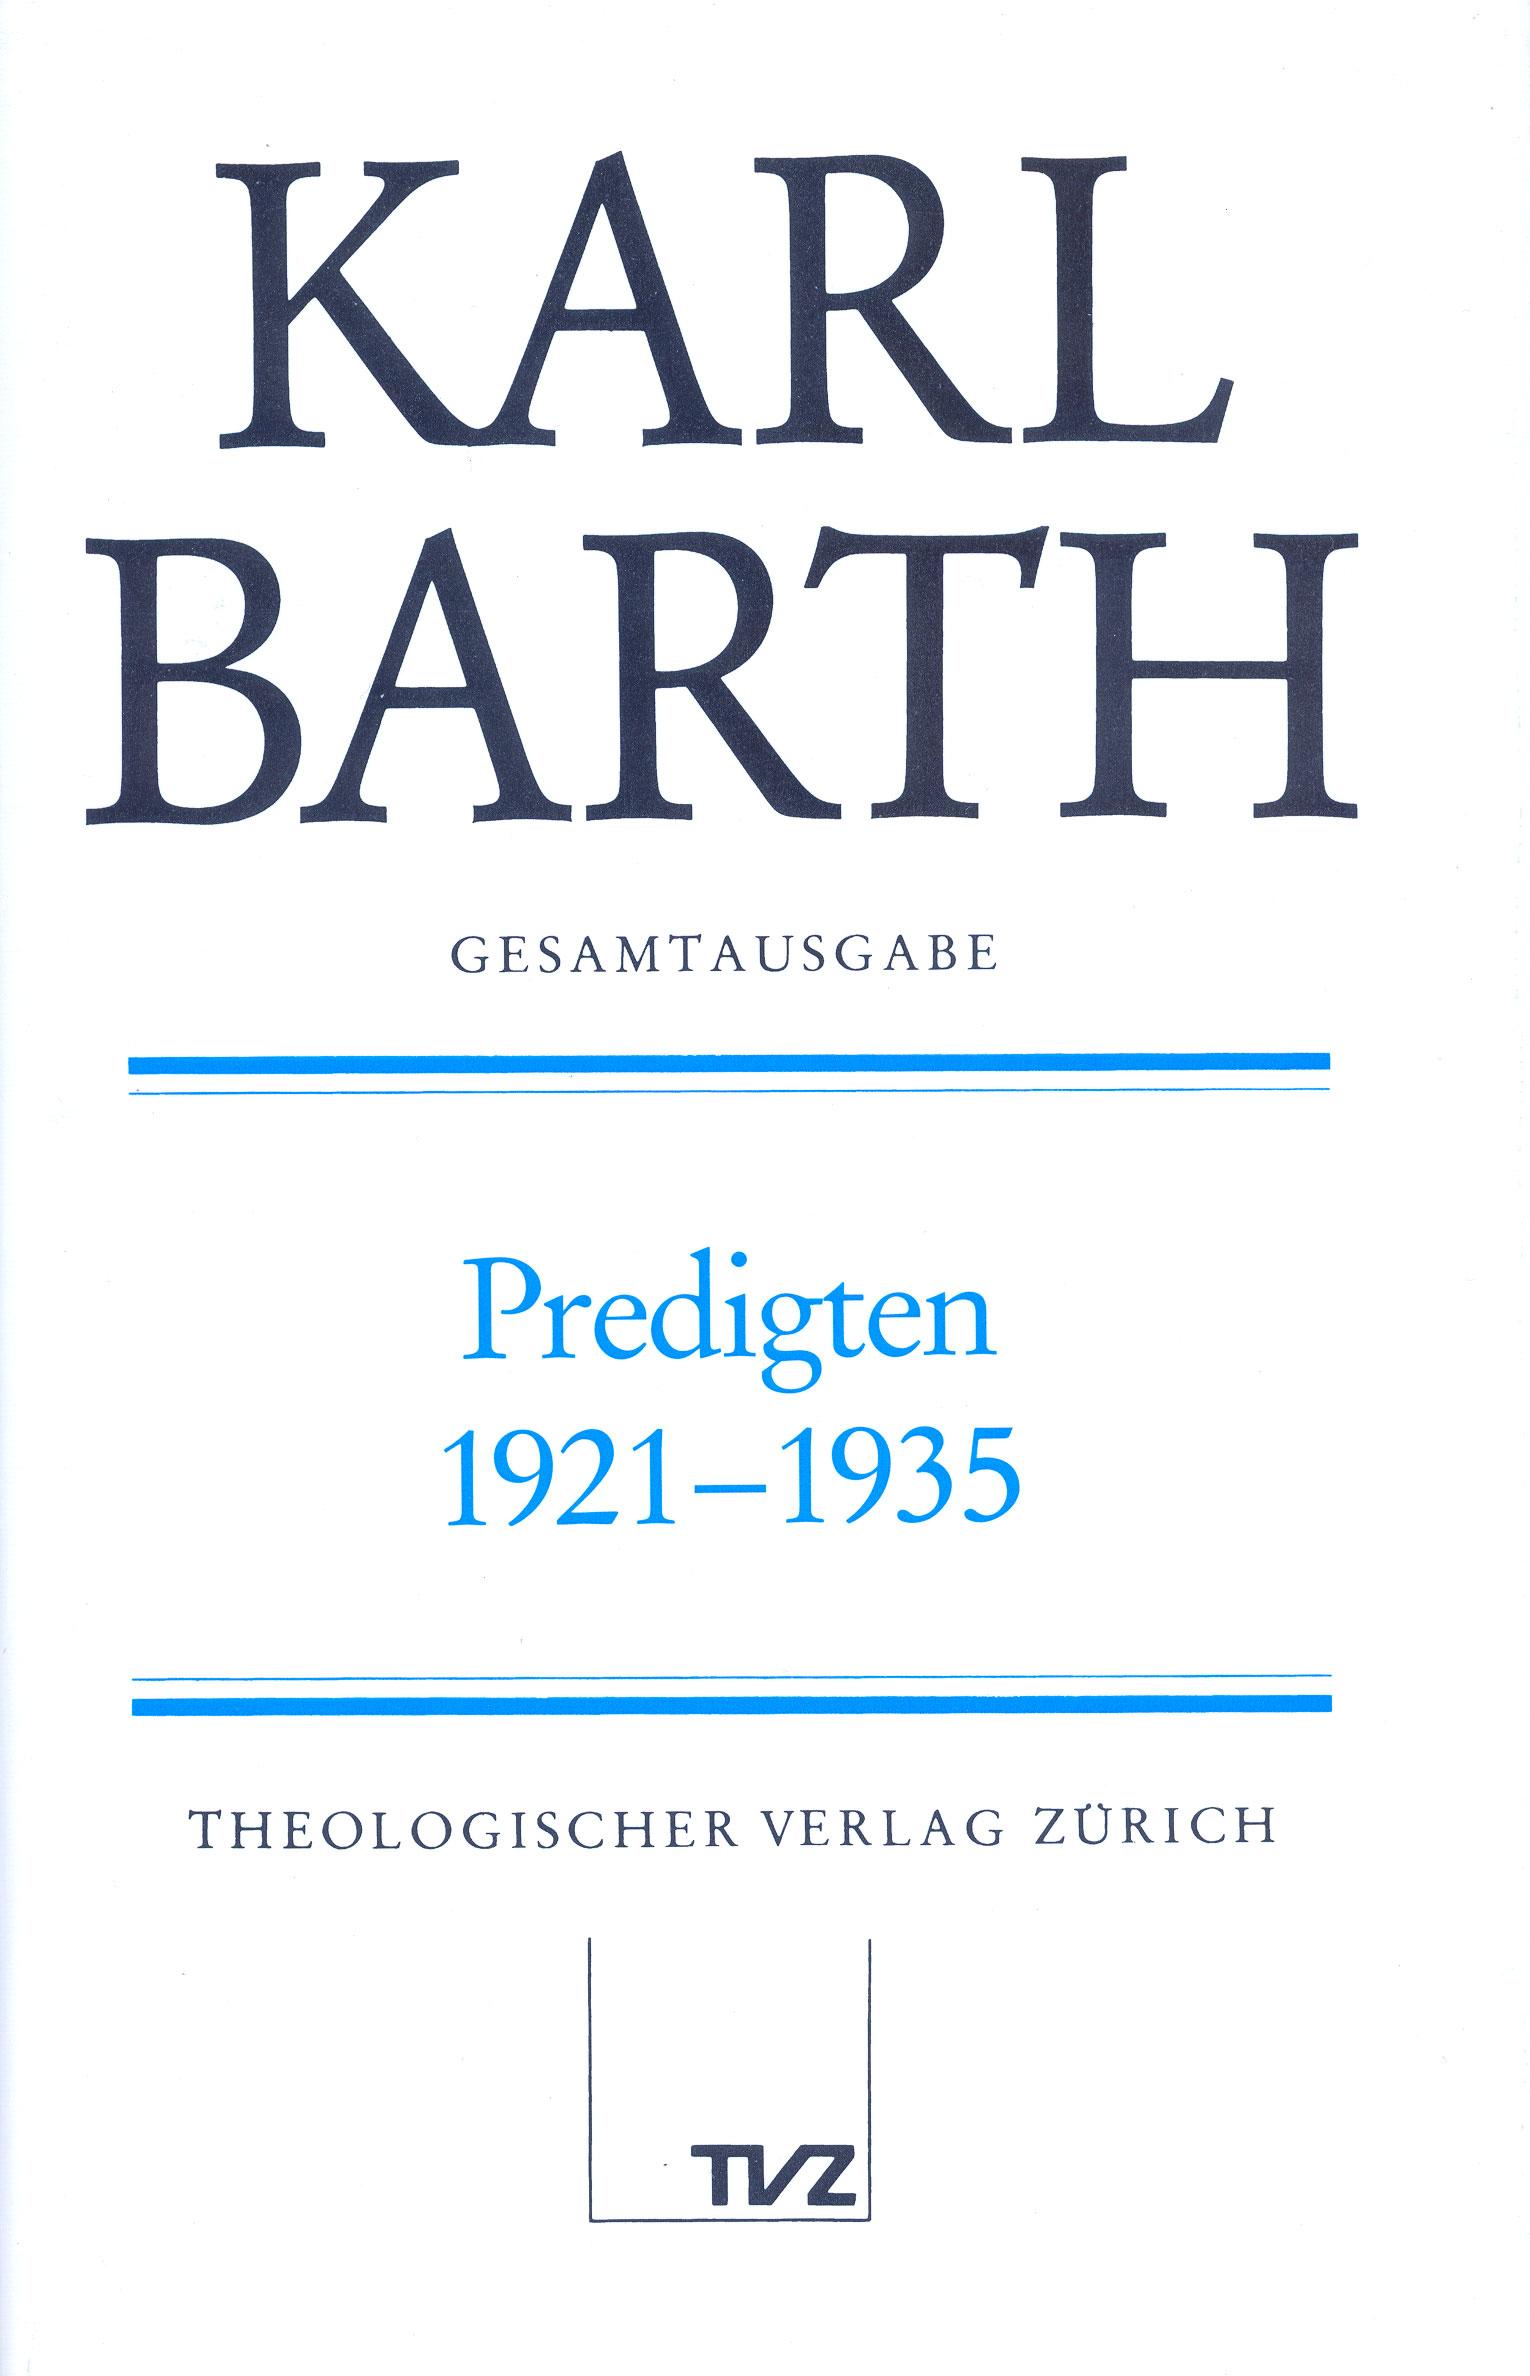 Predigten 1921-1935 Karl Barth